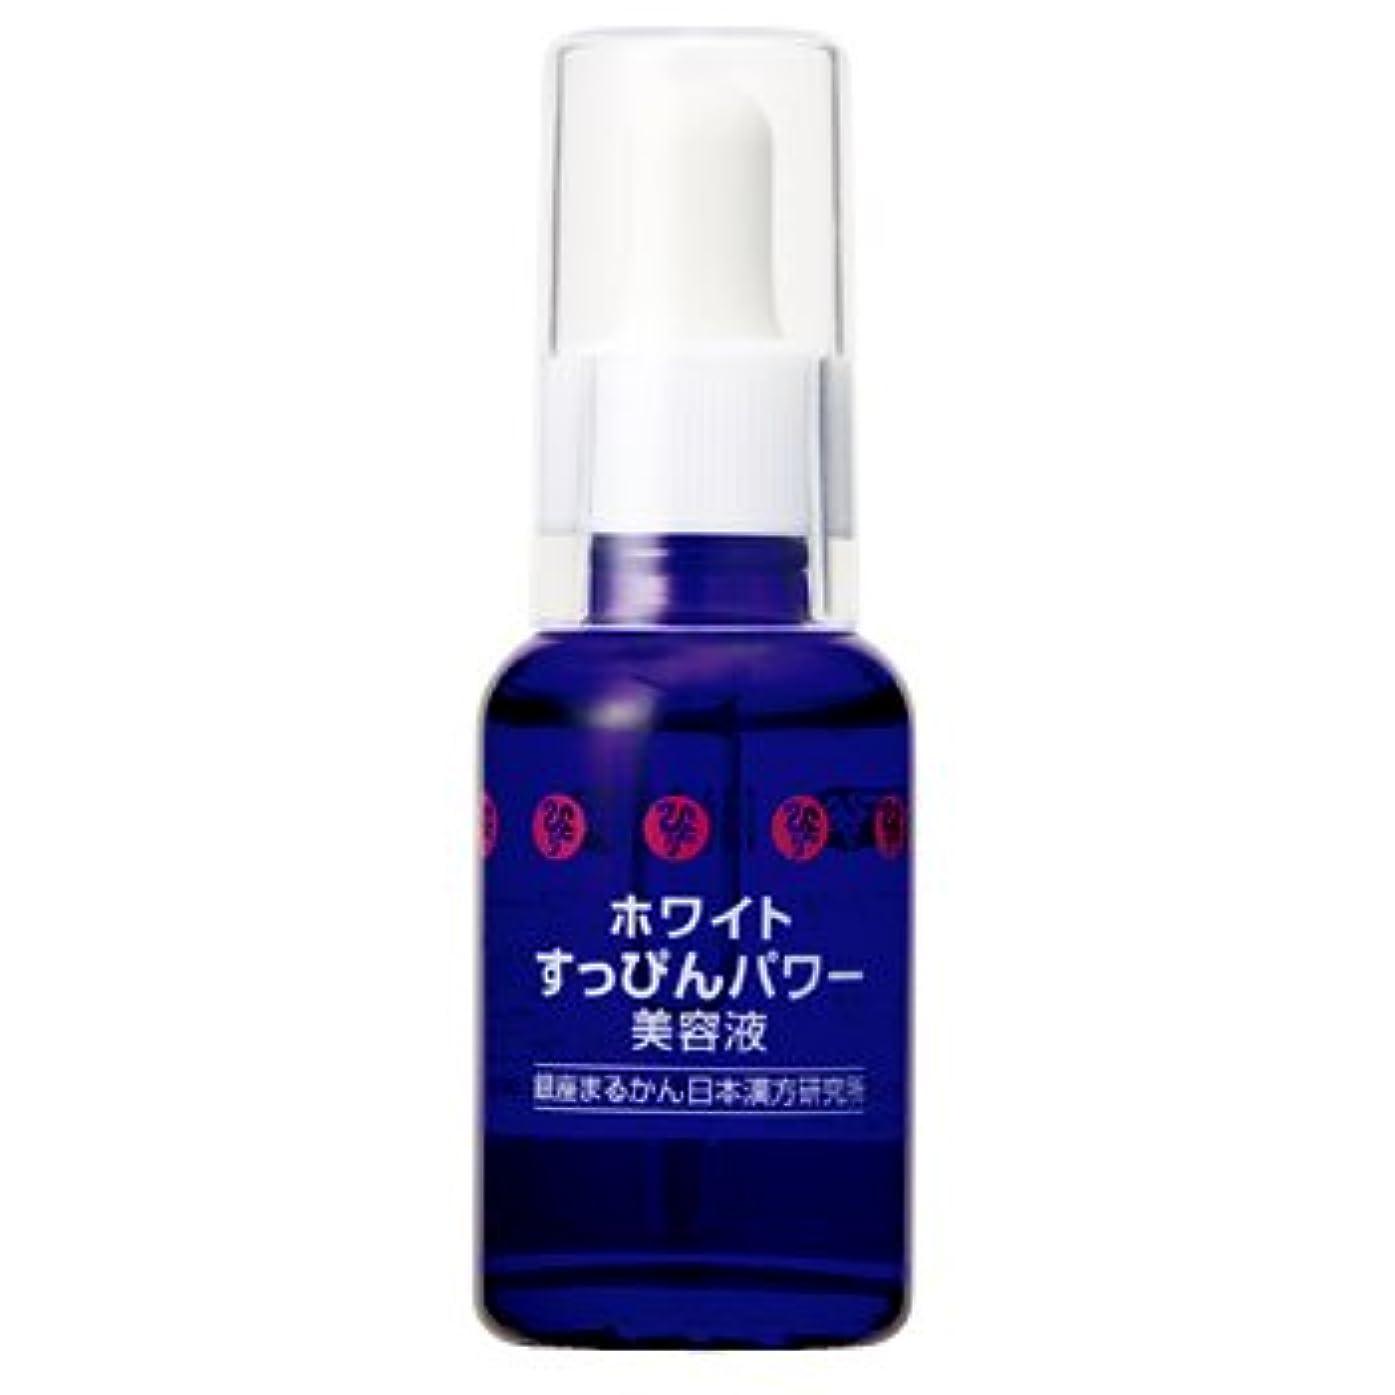 【銀座まるかん】ホワイトすっぴんパワー美容液 30ml